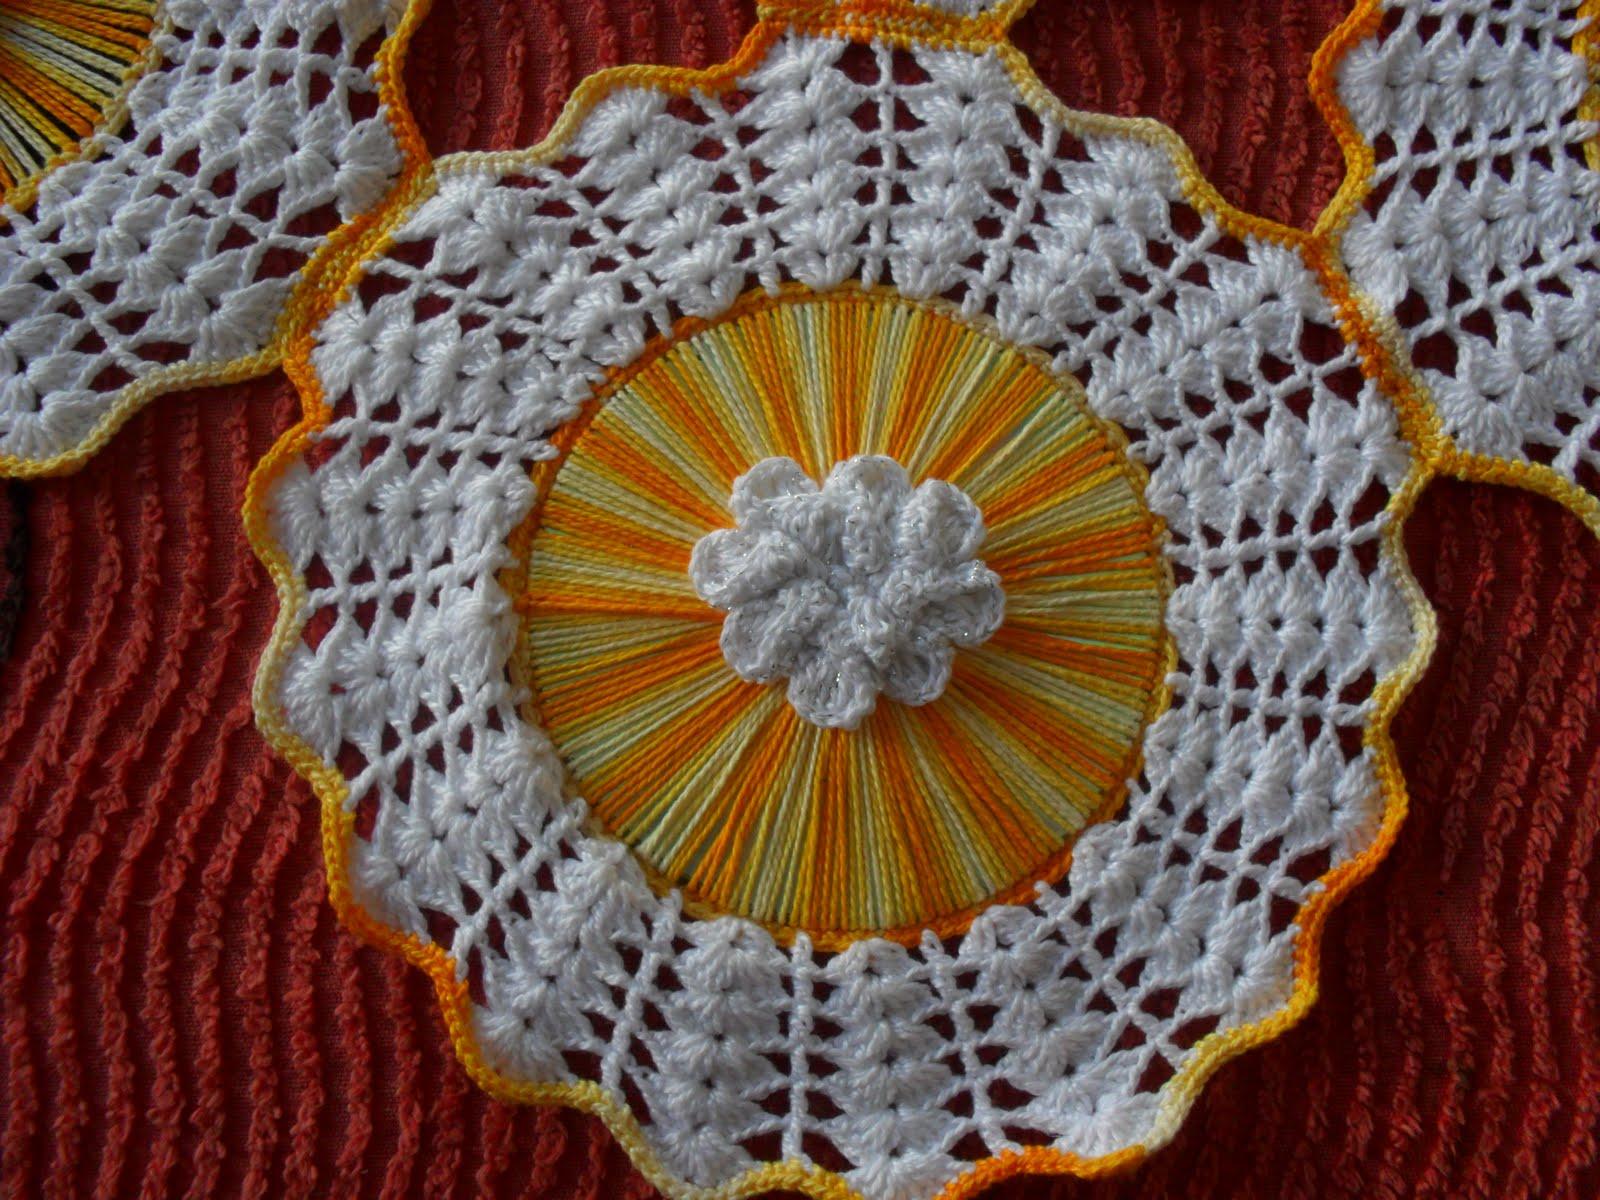 Adesivo De Alto Desempenho Para Argamassas ~ Dricartes Artesanatos do Brasil toalha de mesa de croch u00ea com cd e aplicaç u00e3o de flores